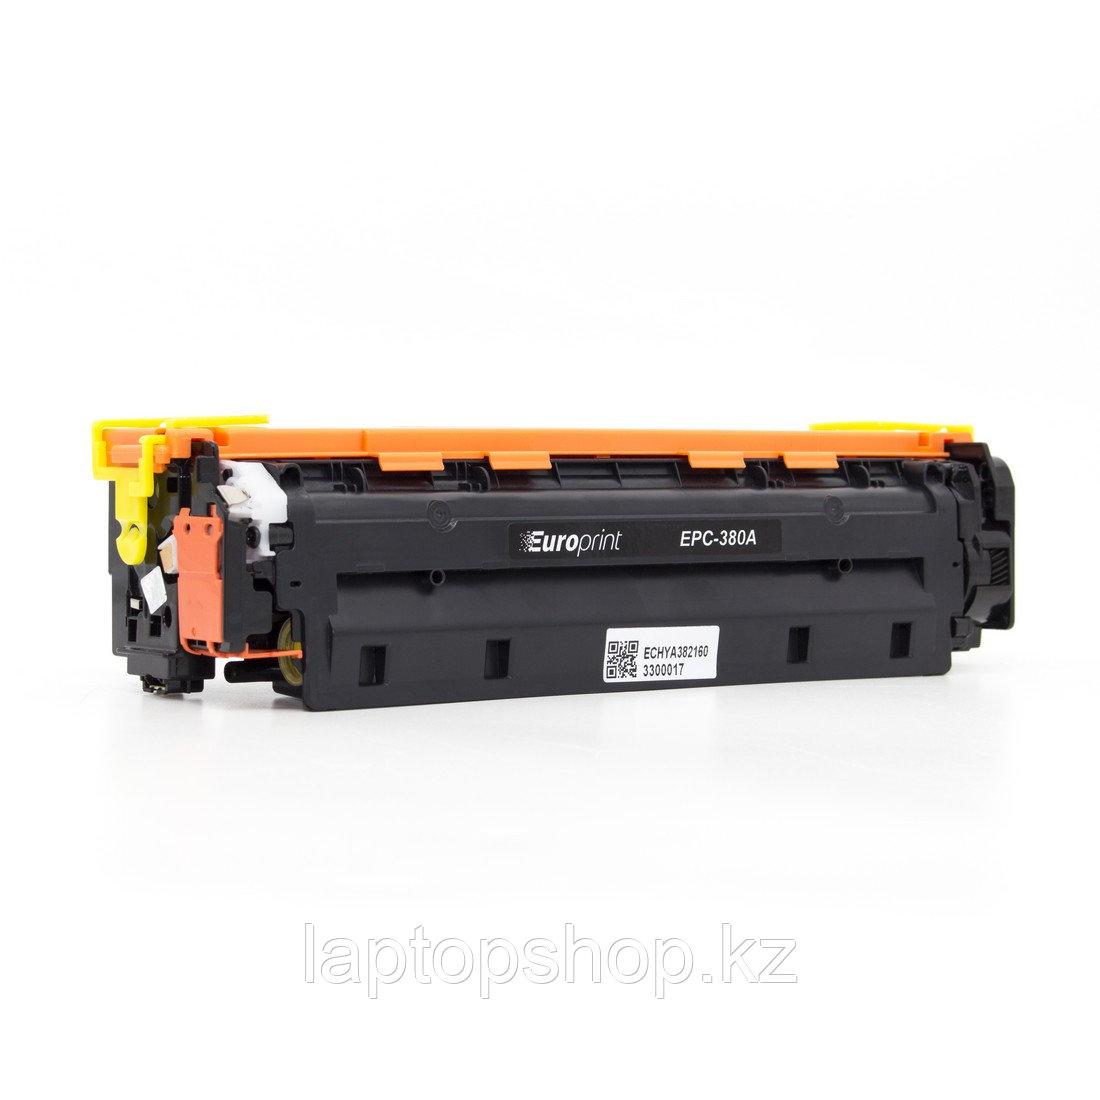 Картридж Europrint EPC-380A